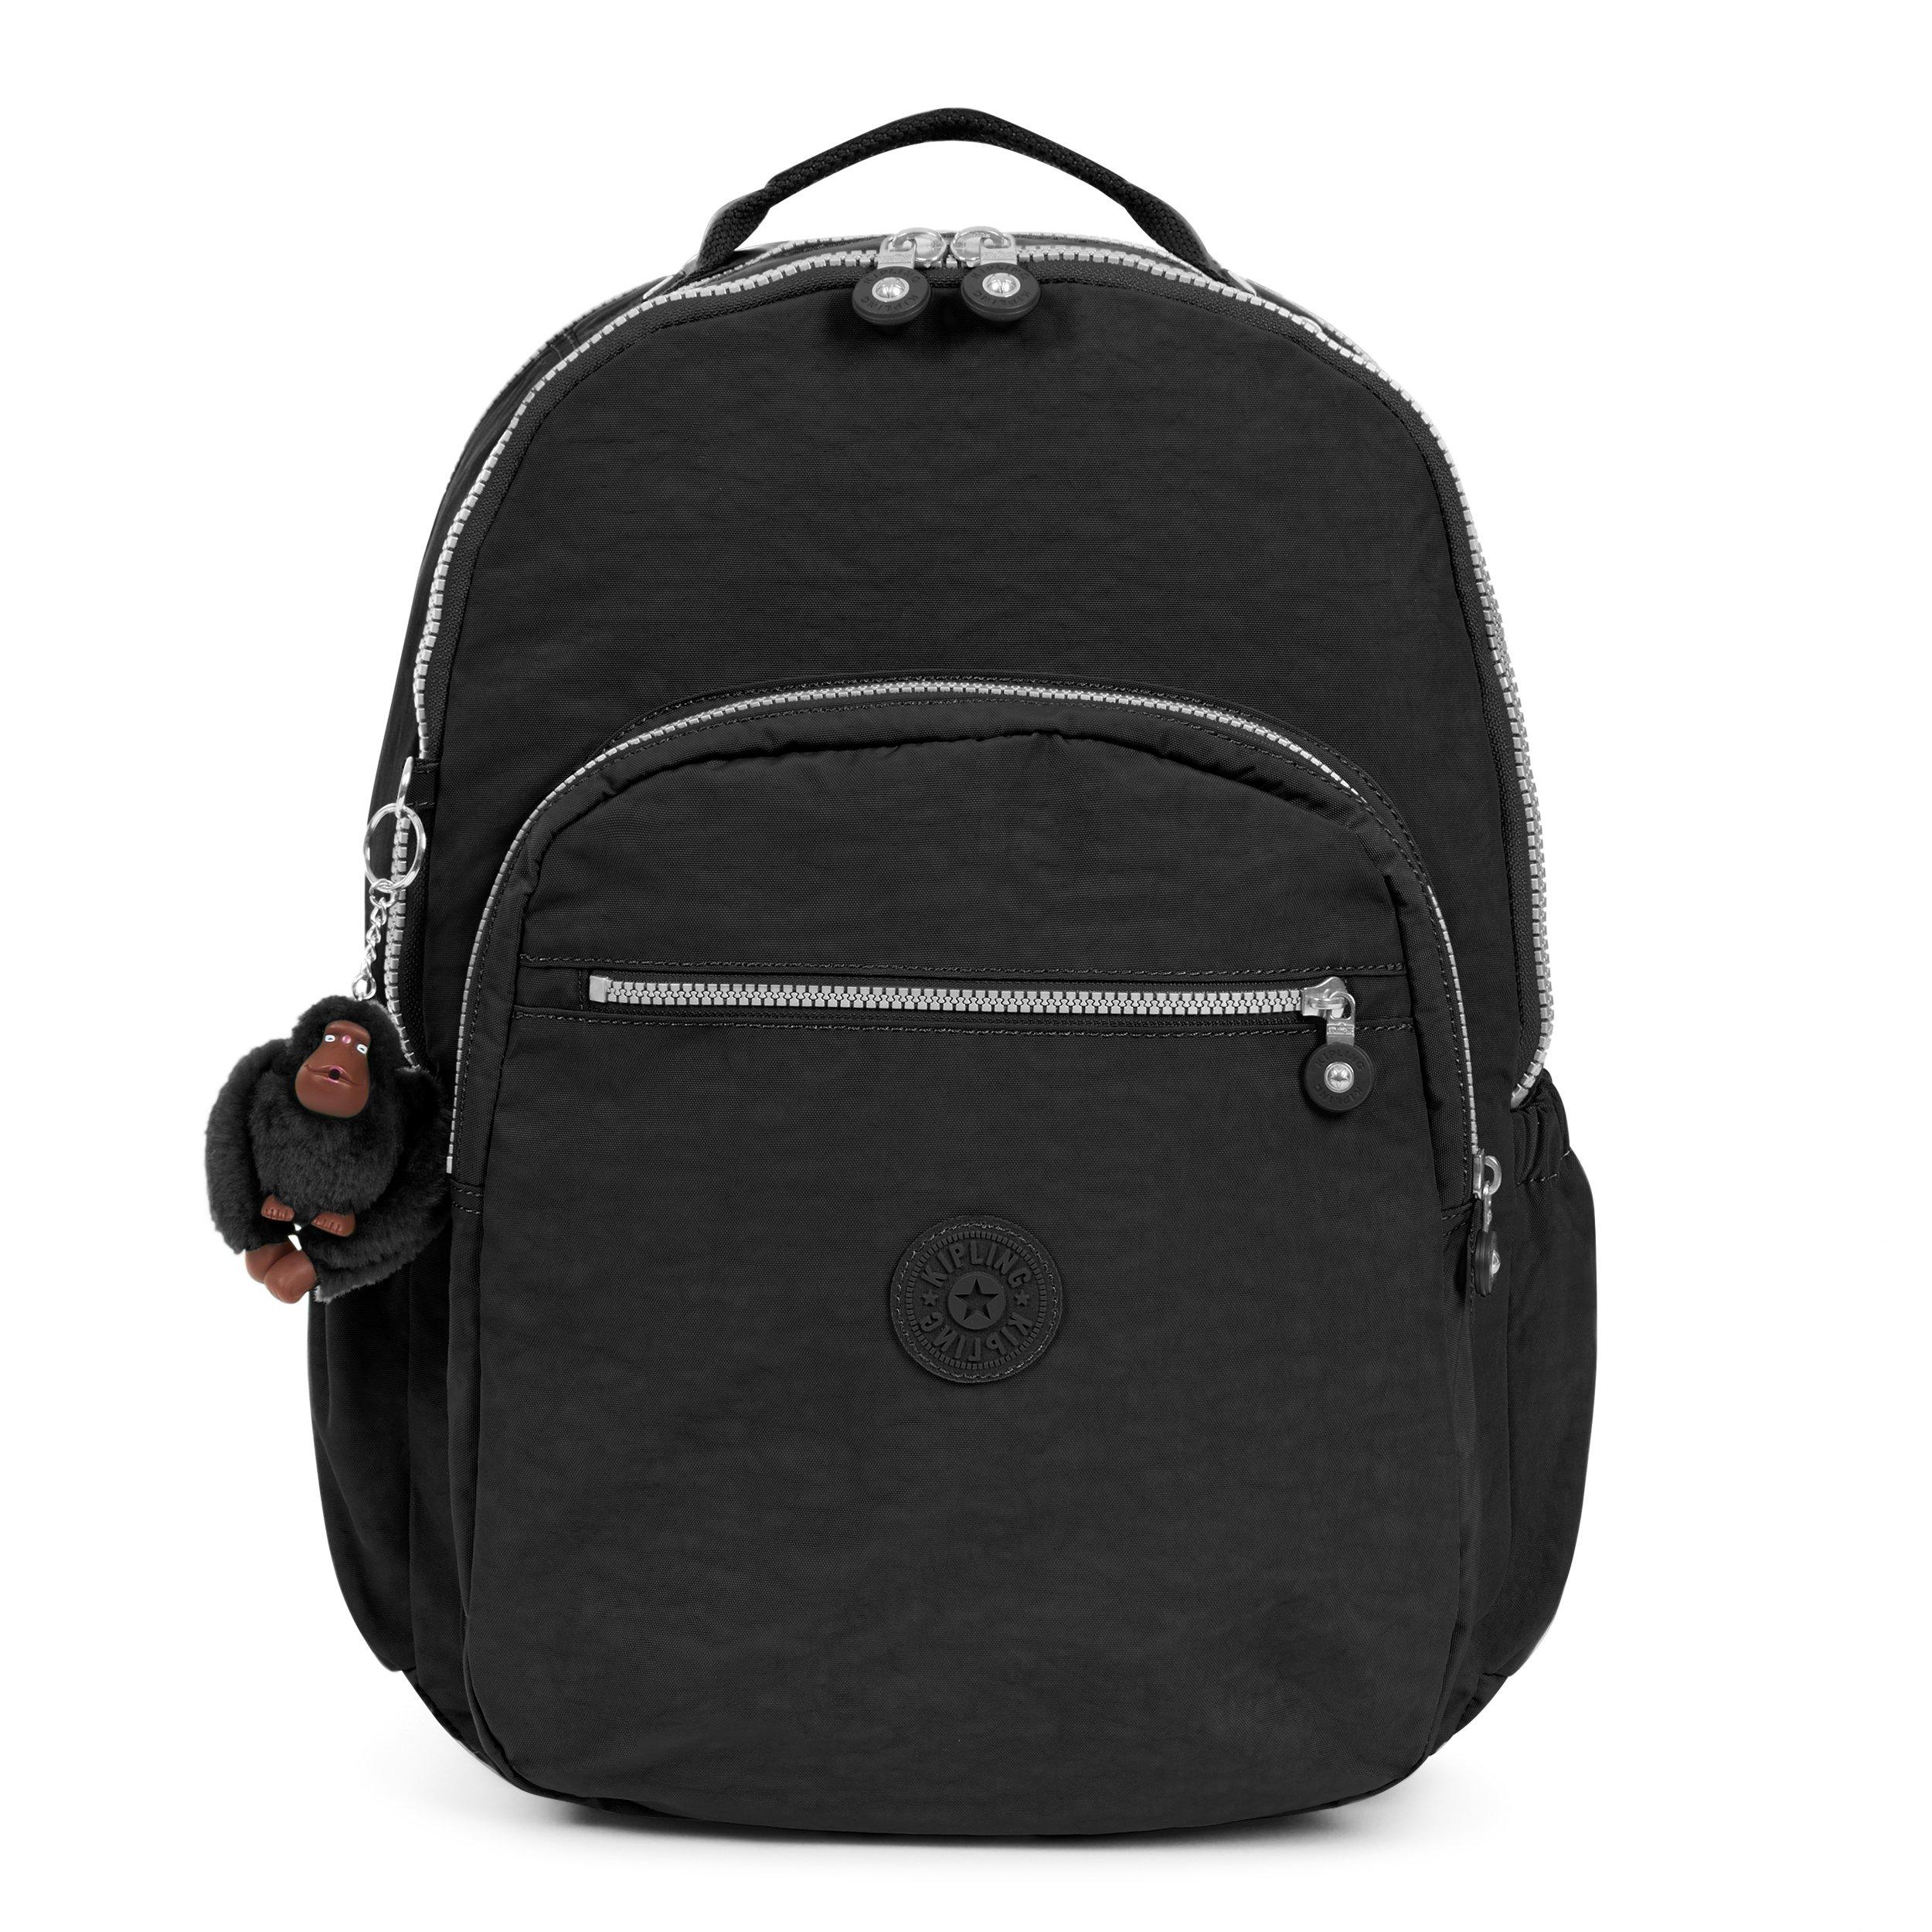 Kipling Seoul Go Laptop, Padded, Adjustable Backpack Straps, Zip Closure, Black